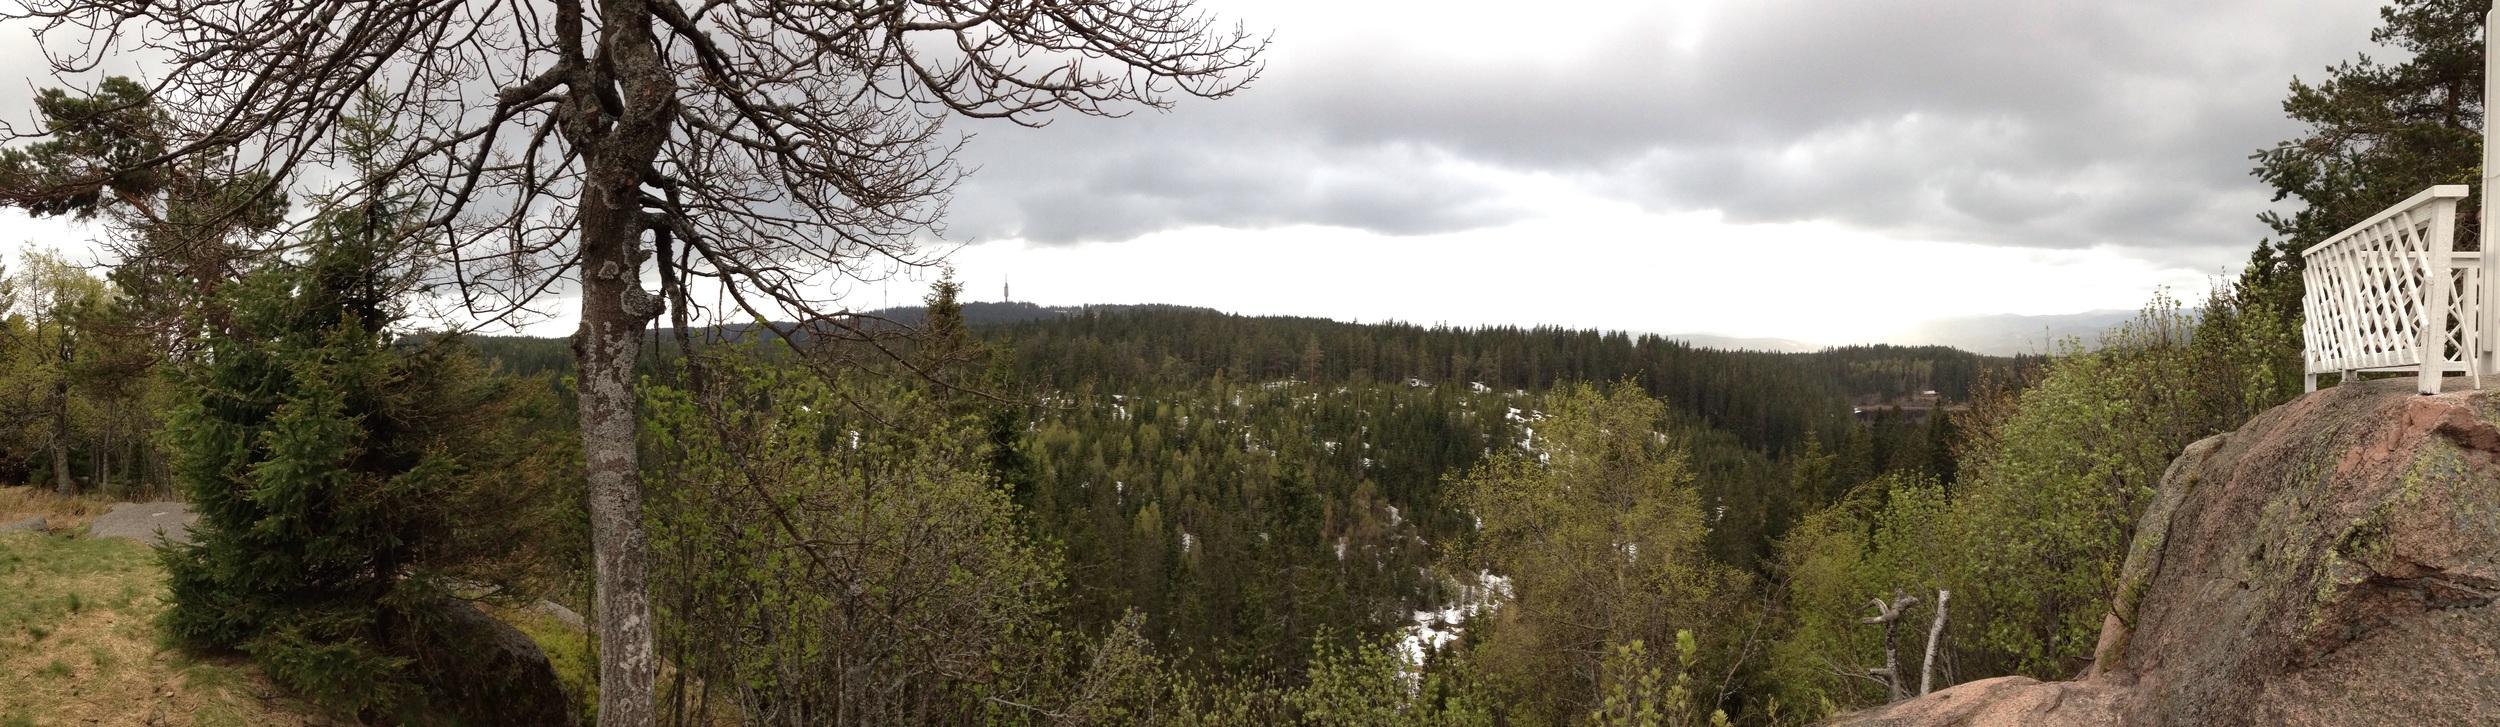 Utsikt fra Skjennungsstuen i vår. Up up and away!